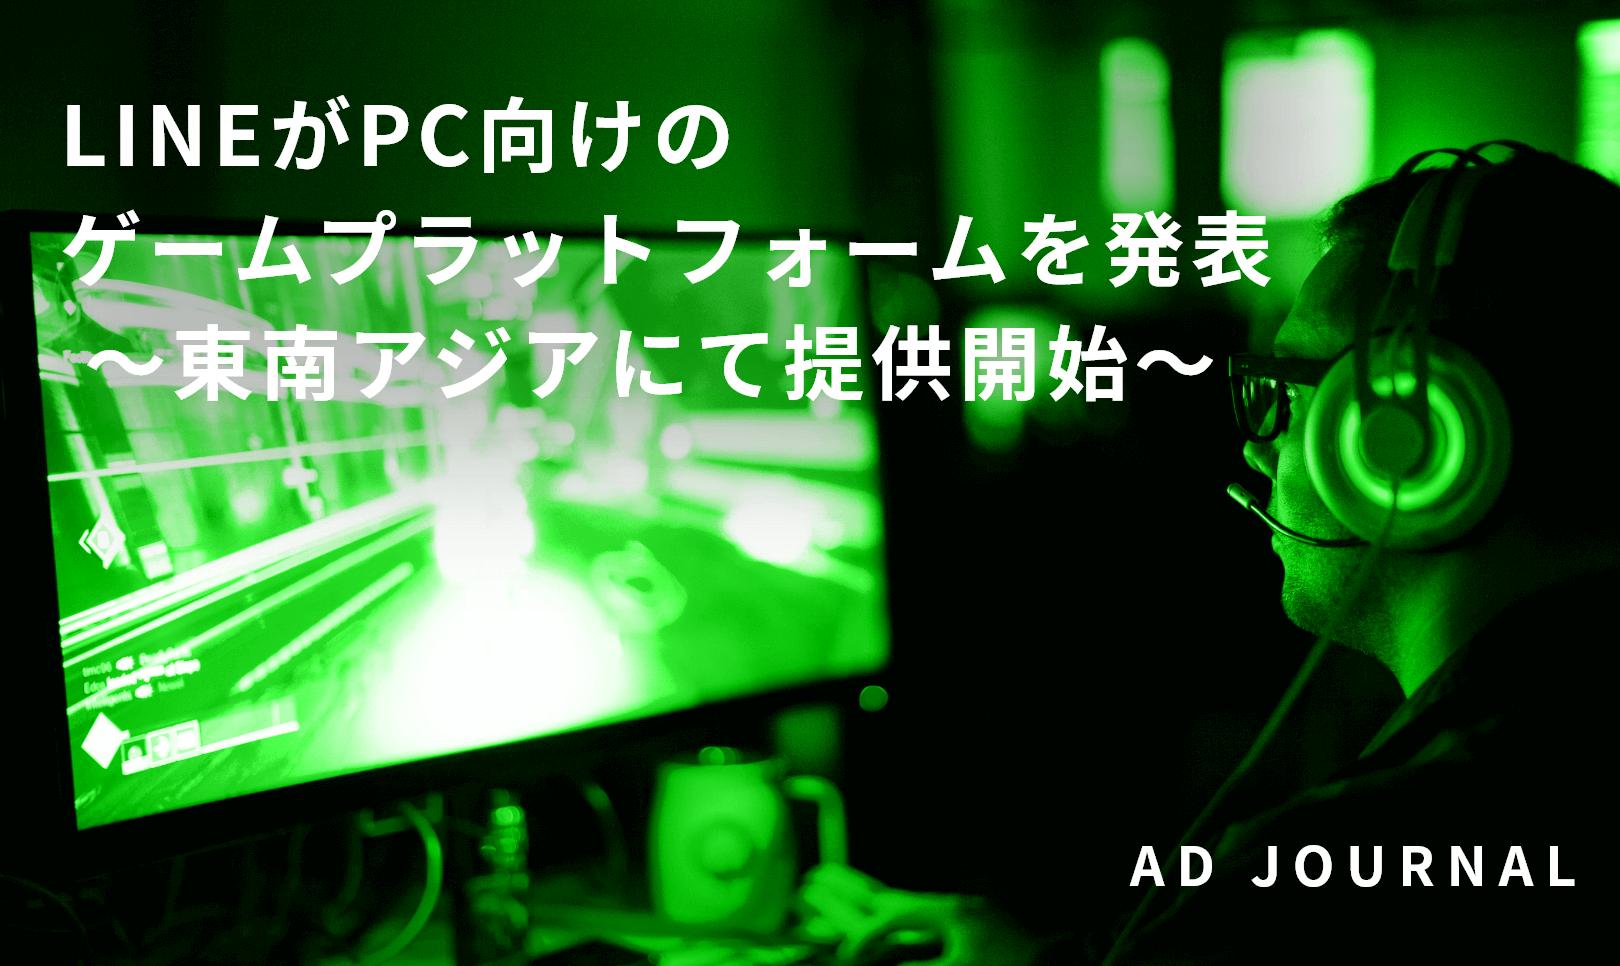 LINEがPC向けのゲームプラットフォームを発表 ~東南アジアにて提供開始~